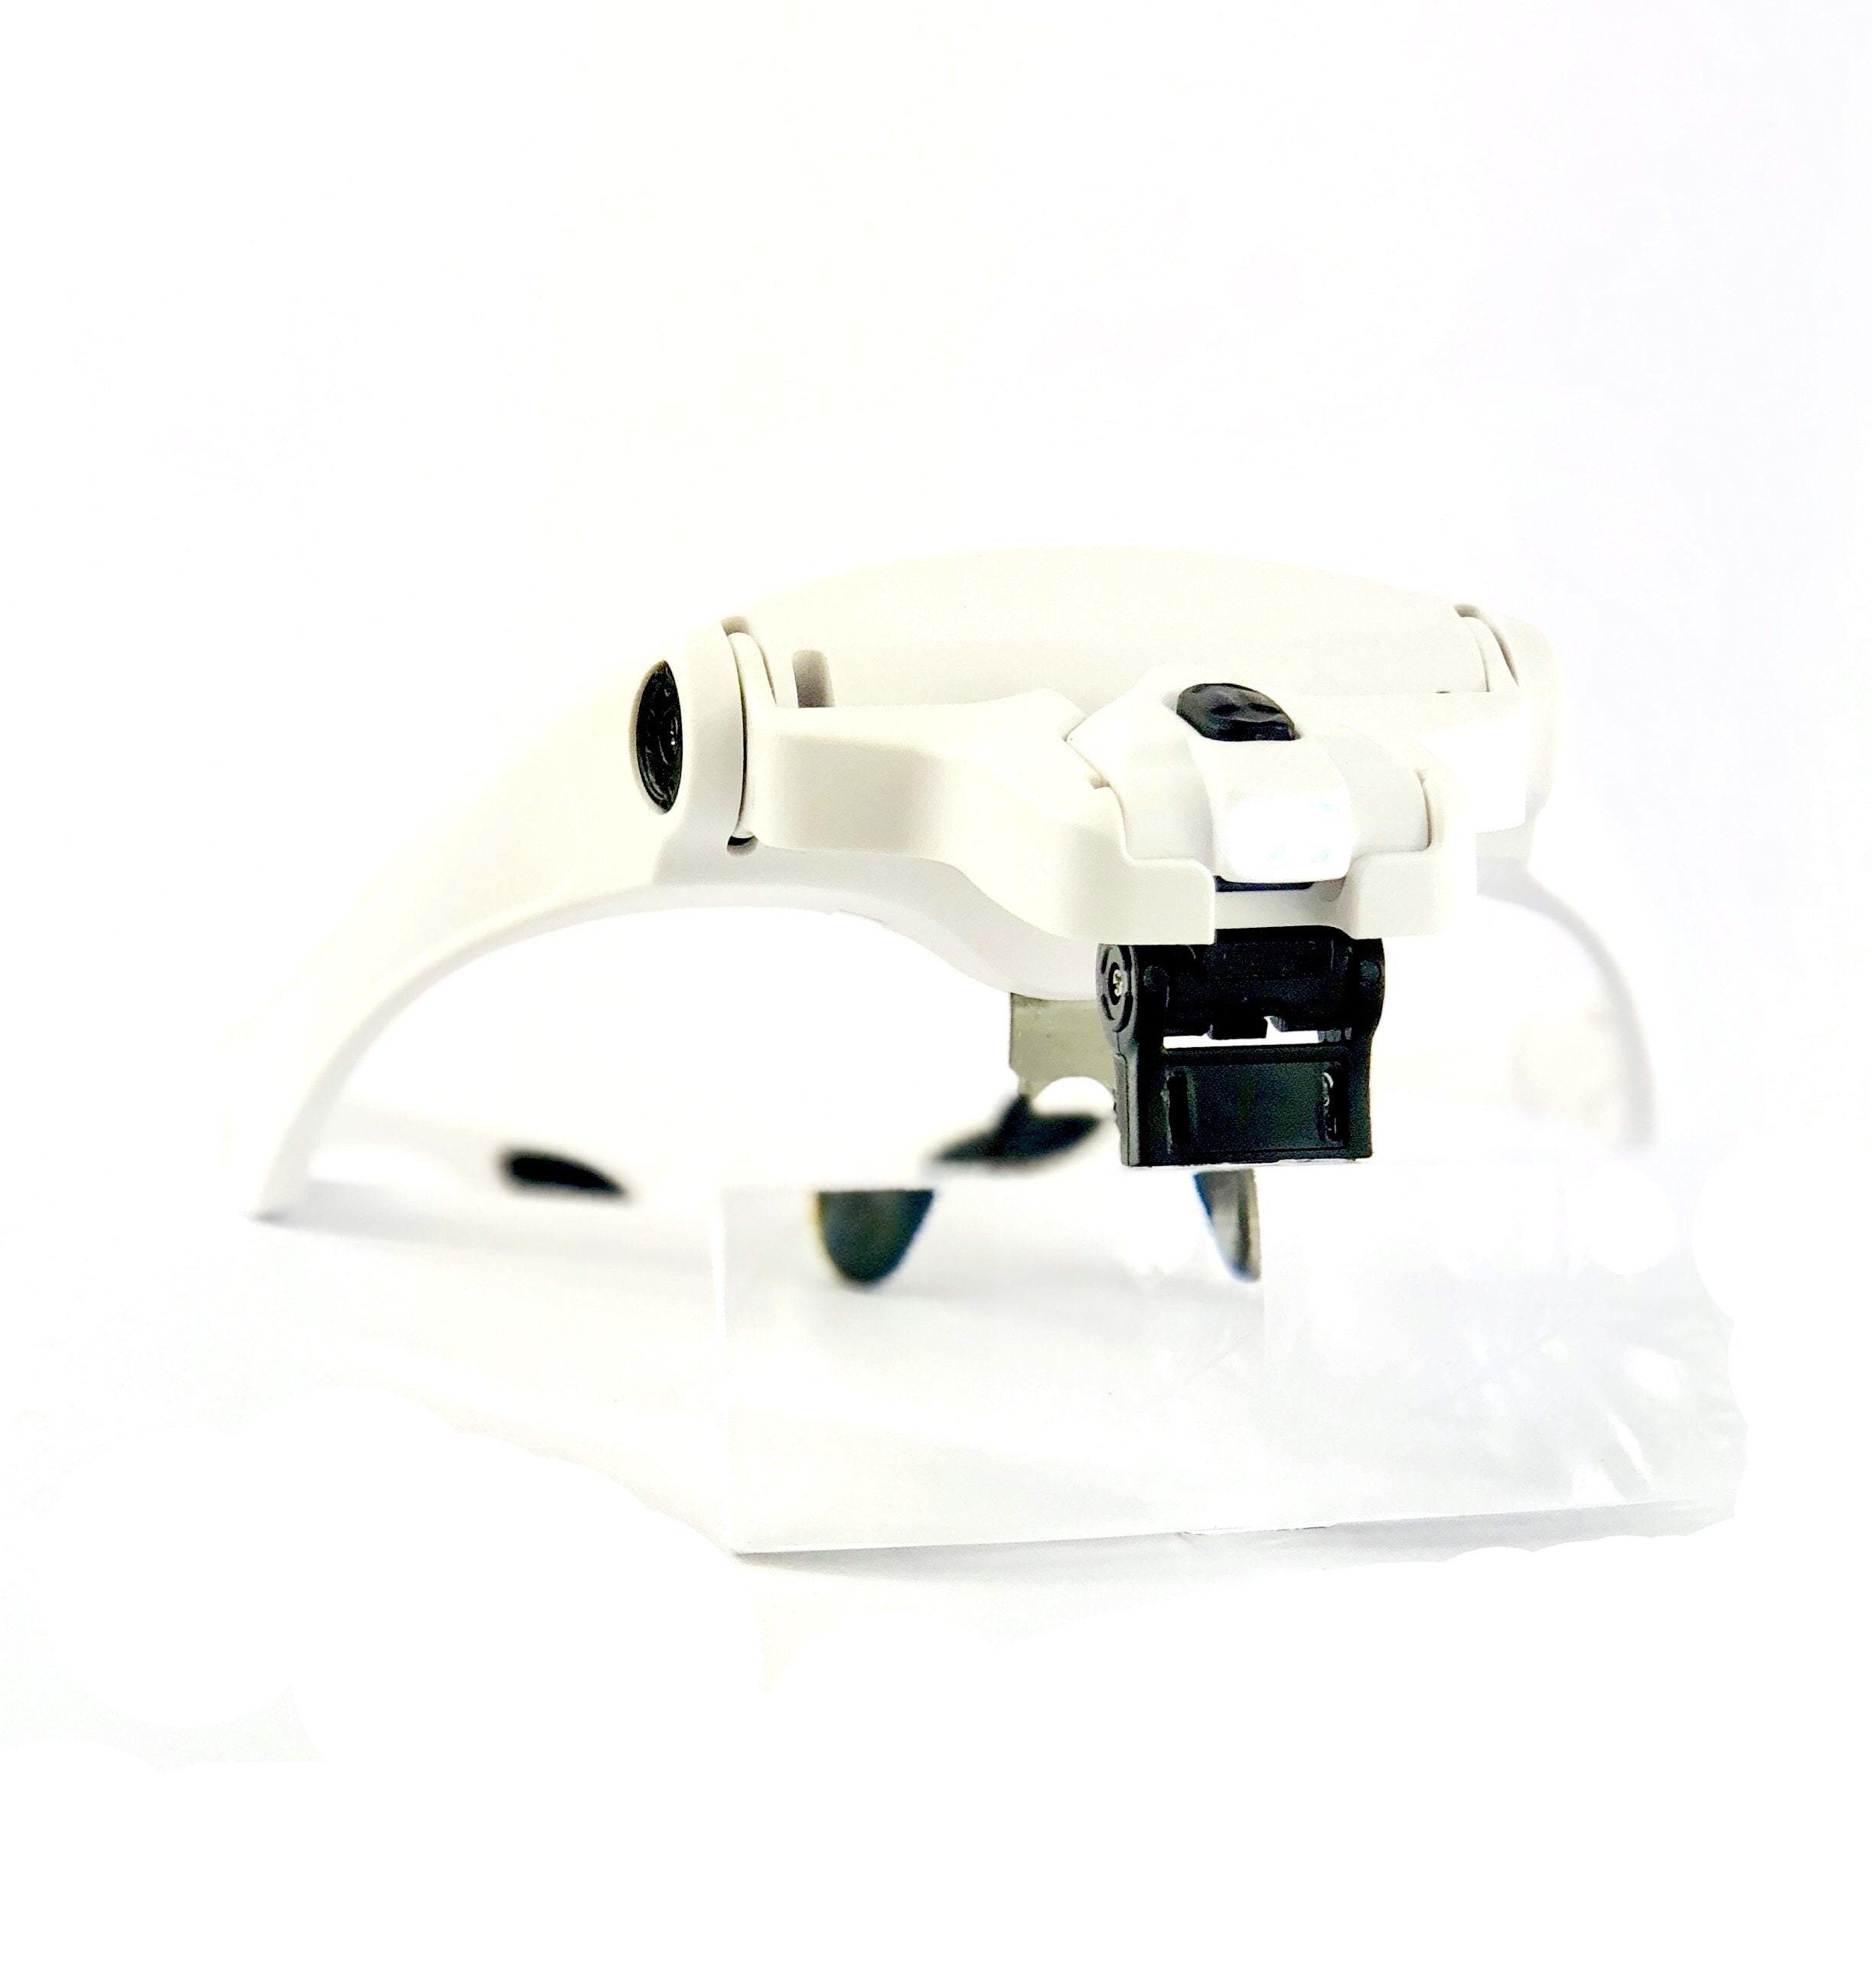 Förstoringsglasögon med 5 linser & LED-belysning